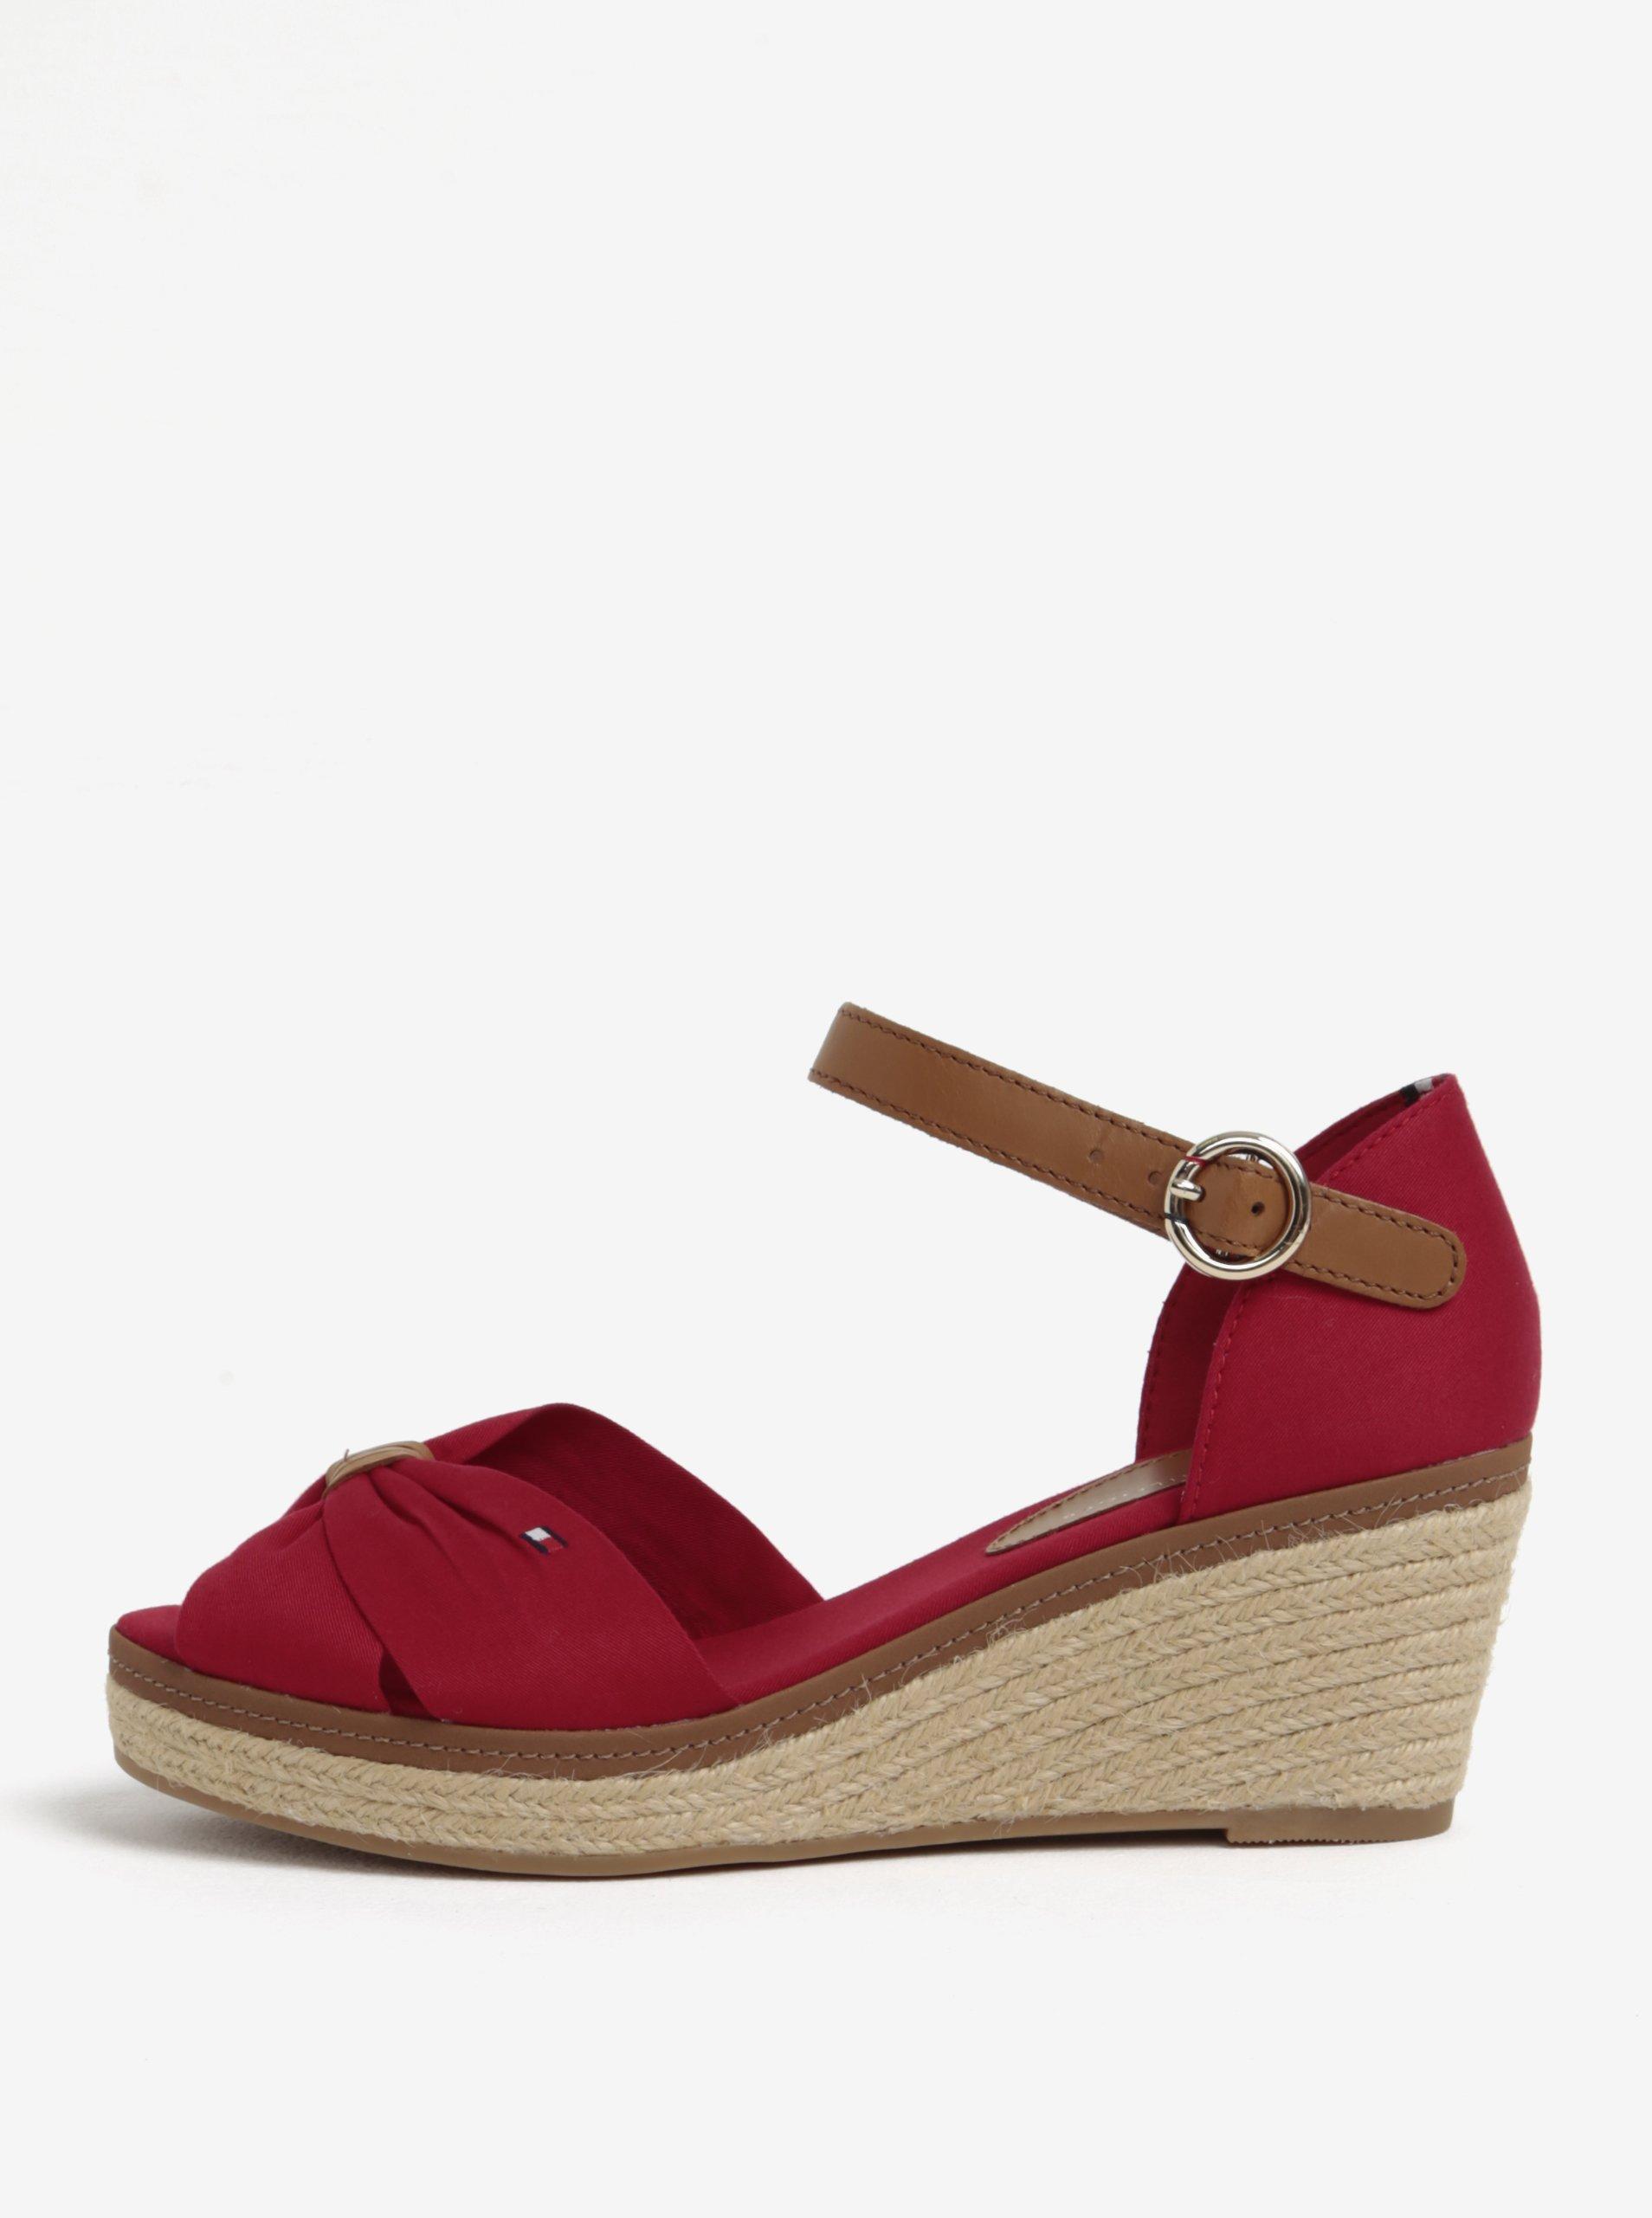 2d20d247a Červené sandále na klinovom podpätku Tommy Hilfiger | Moda.sk